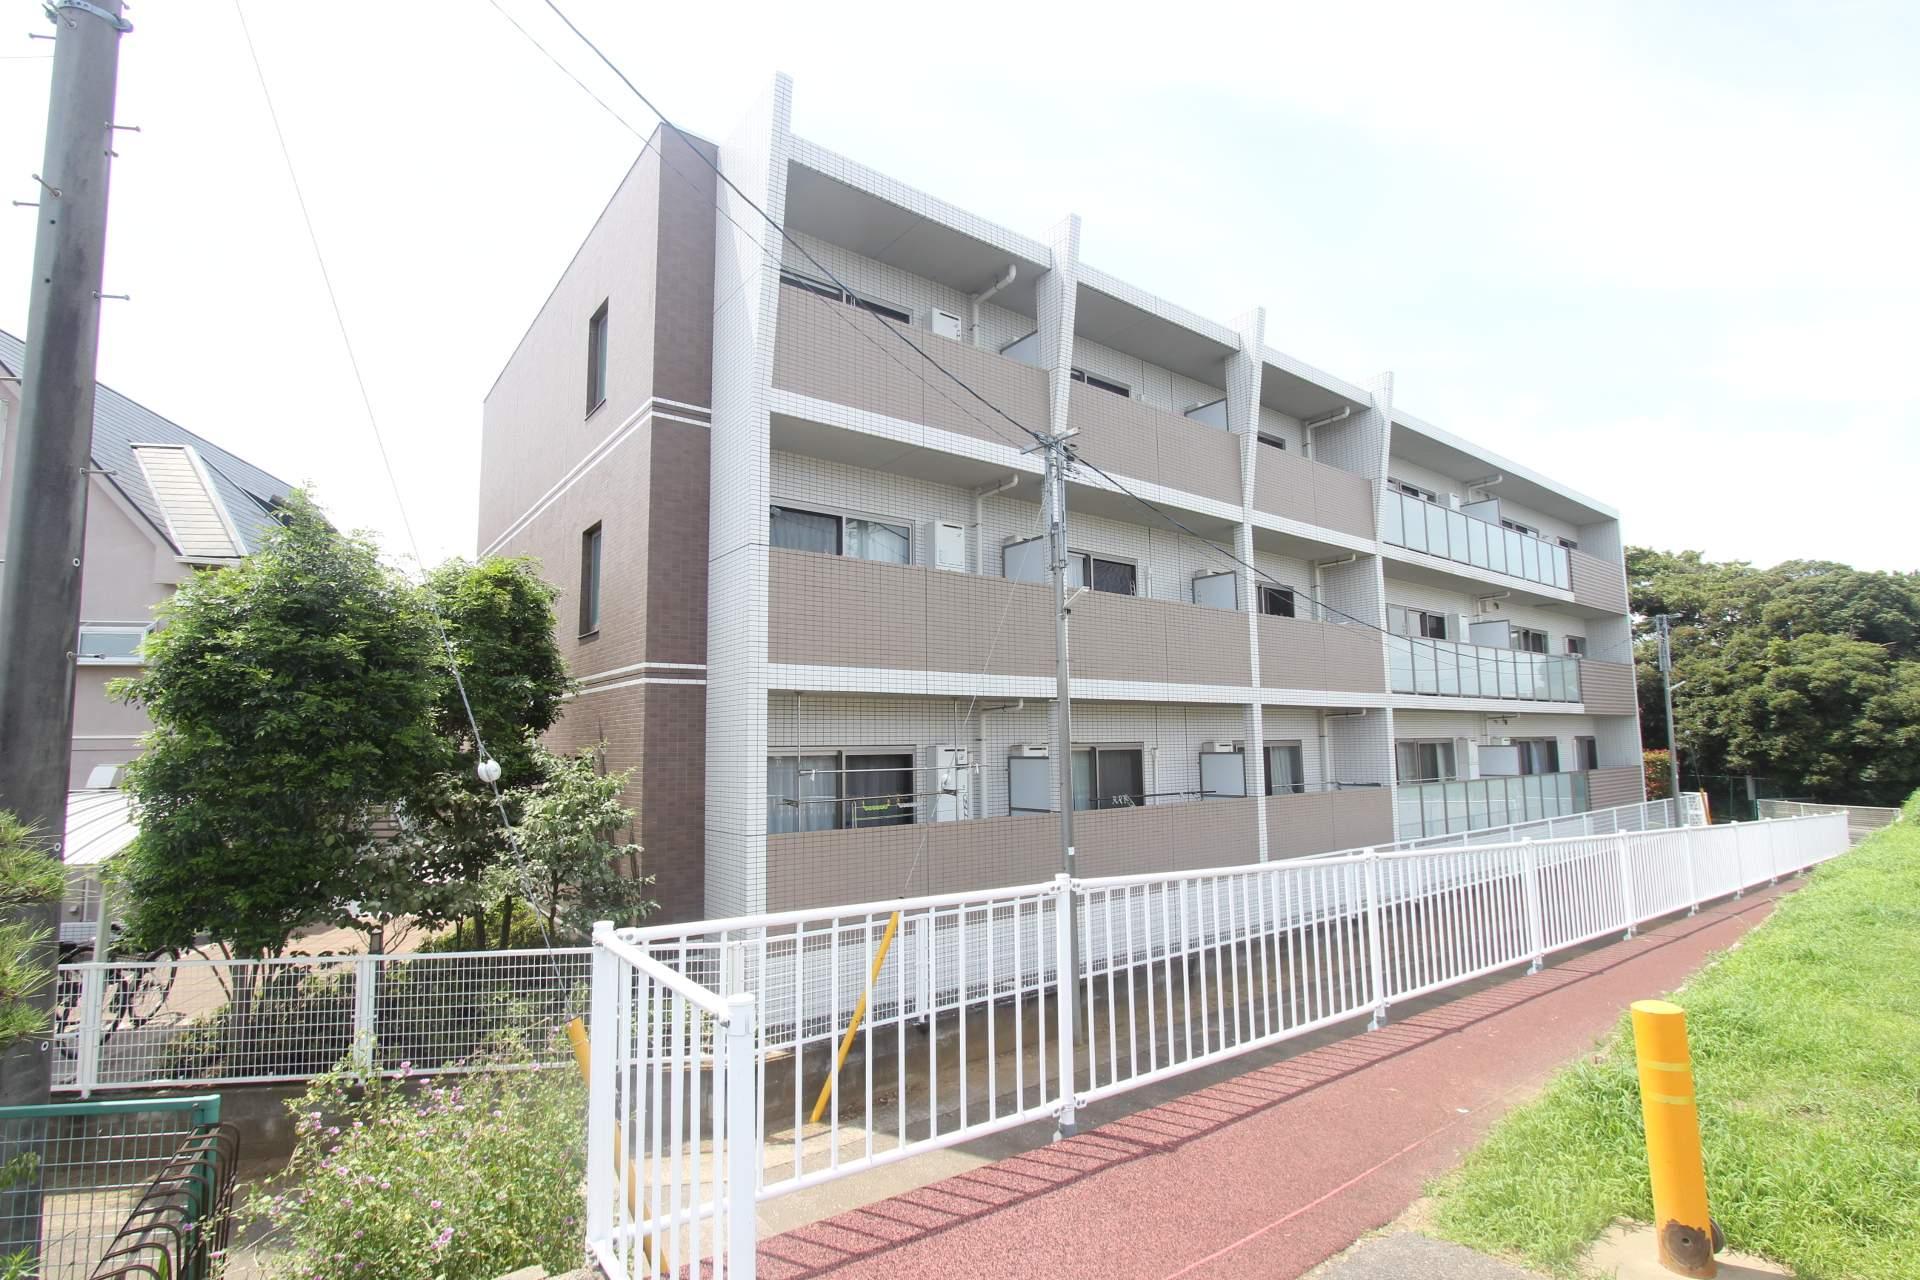 千葉県市川市、西船橋駅徒歩18分の築6年 3階建の賃貸マンション